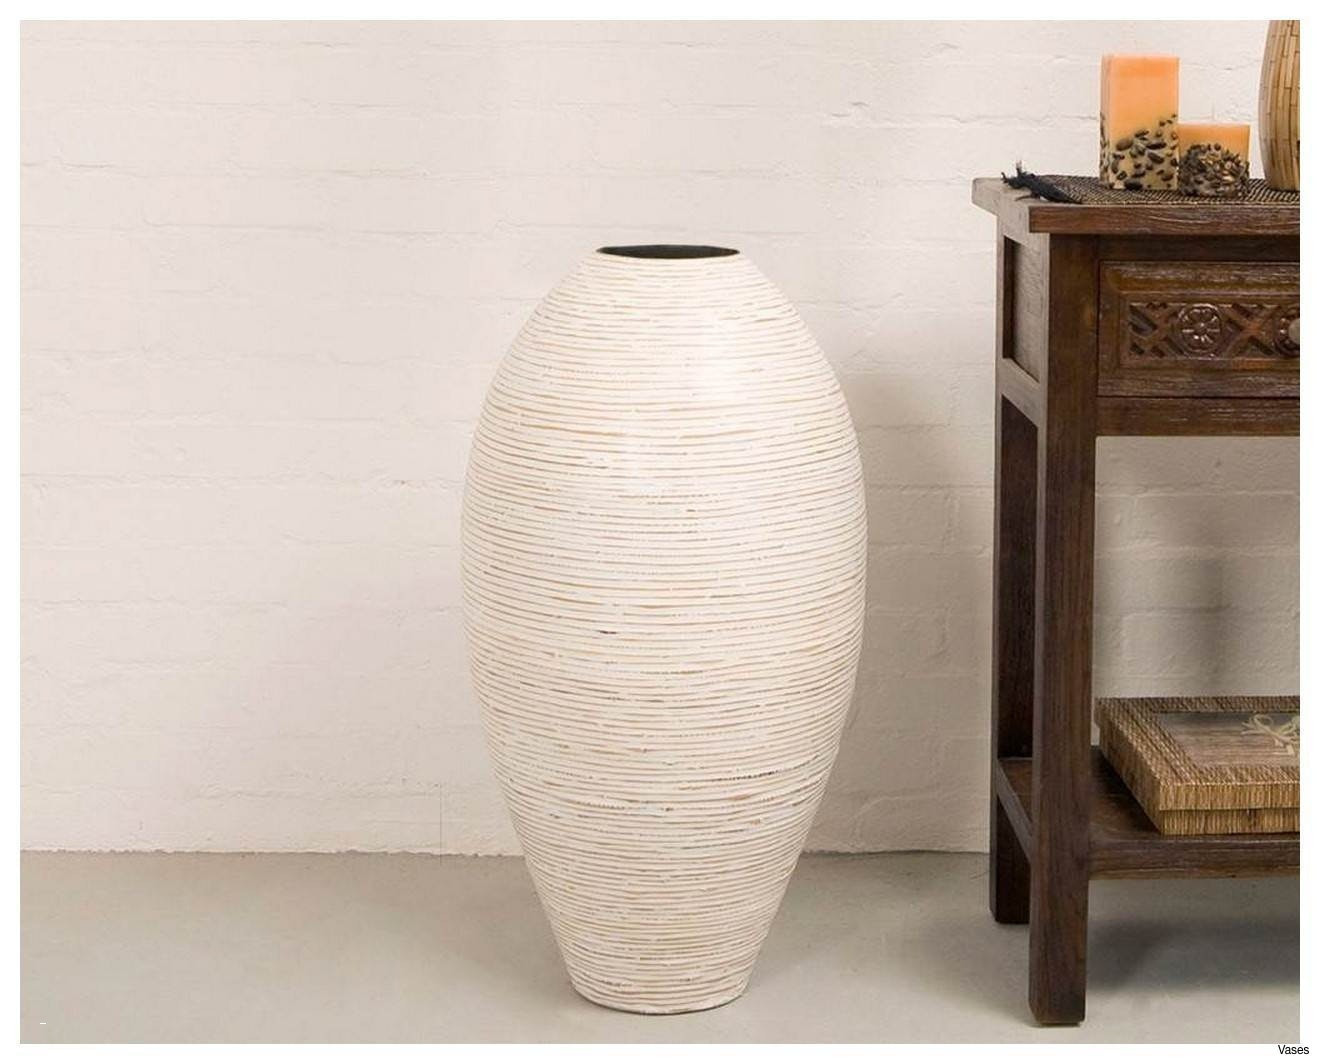 Buy Floor Vases Online Of 20 Unique Very Tall Decorative Vases Bogekompresorturkiye Com In Standing Lamps Ikea Elegant Pe S5h Vases Floor Ikea I 0d Tall Michaels Scheme Ikea Decor